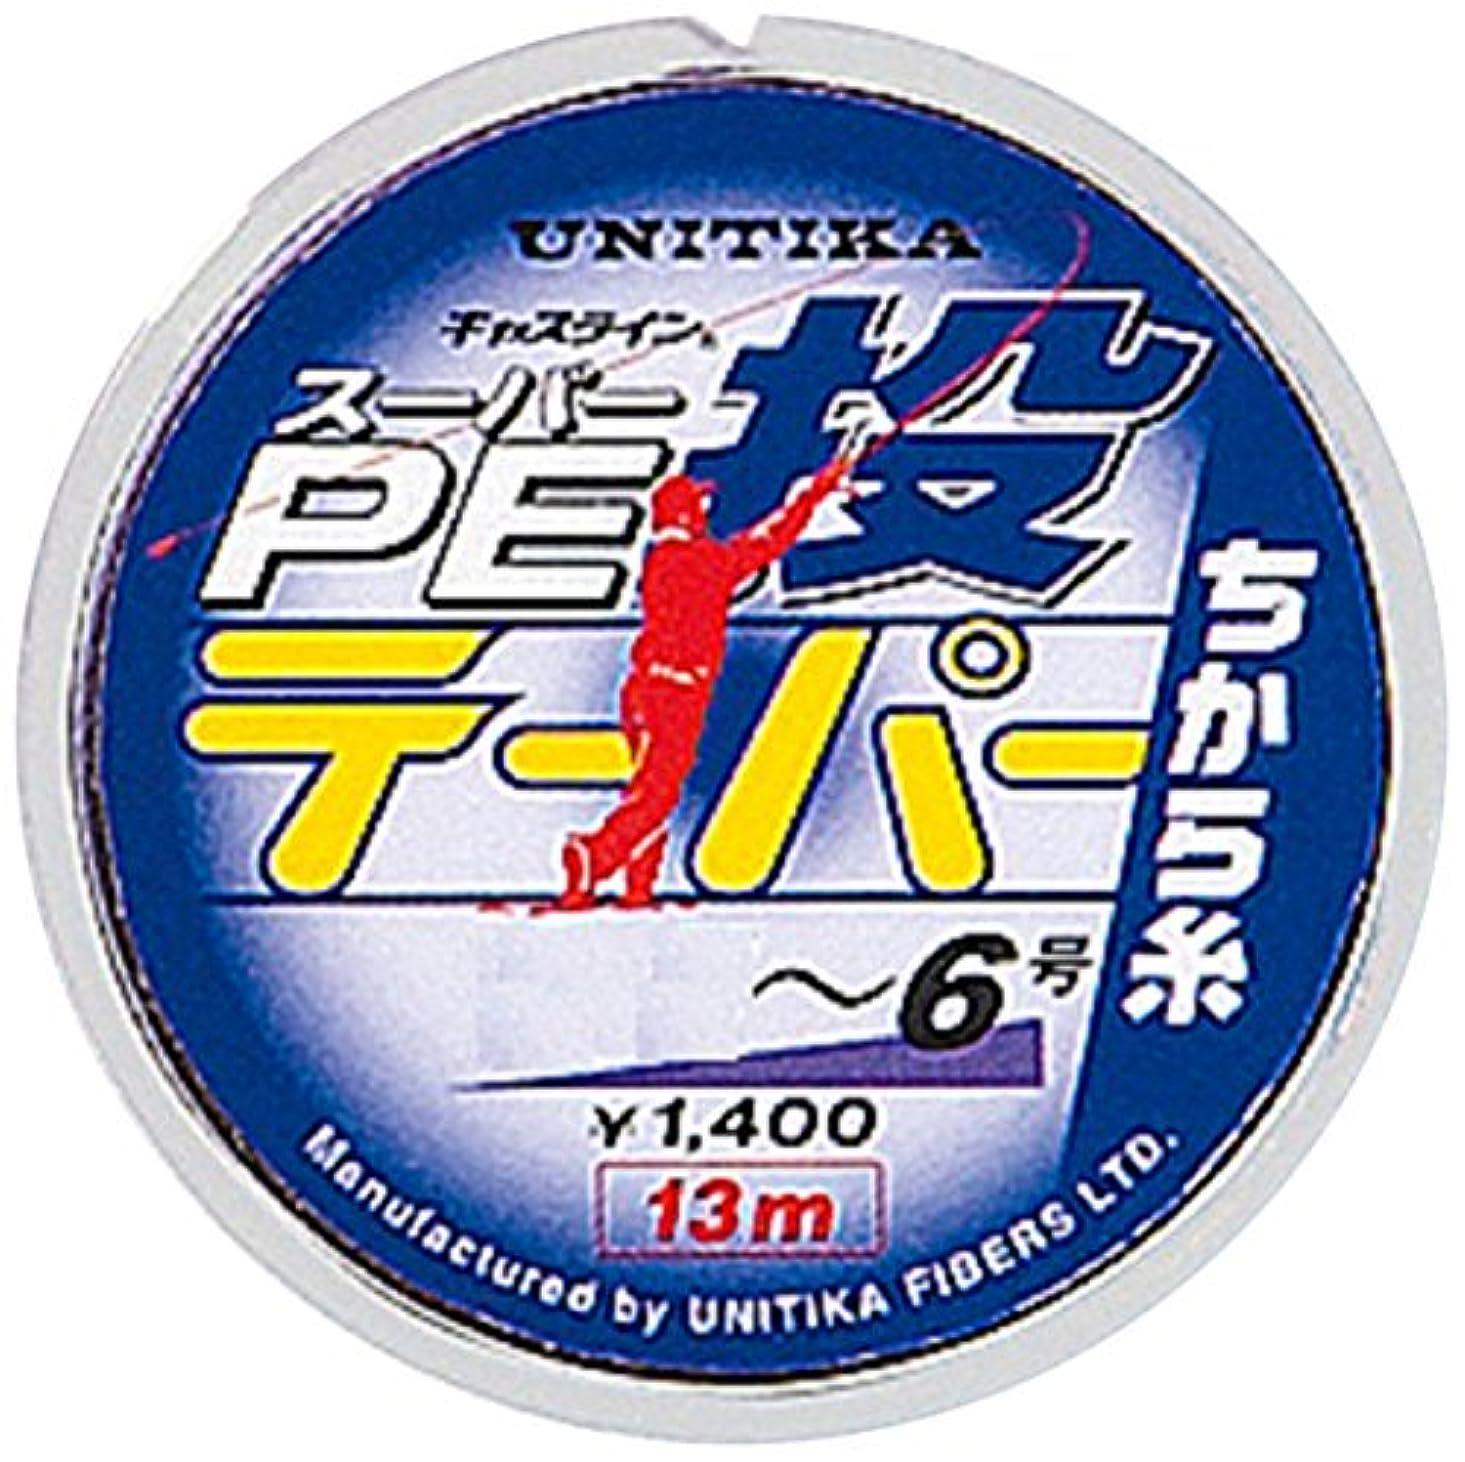 意識的旅行コンピューターゲームをプレイするユニチカ(UNITIKA) ライン キャスラインスーパーPE投テーパー(ちから糸) 13m ライトパープル1.5~~6号 ライトパープル ~